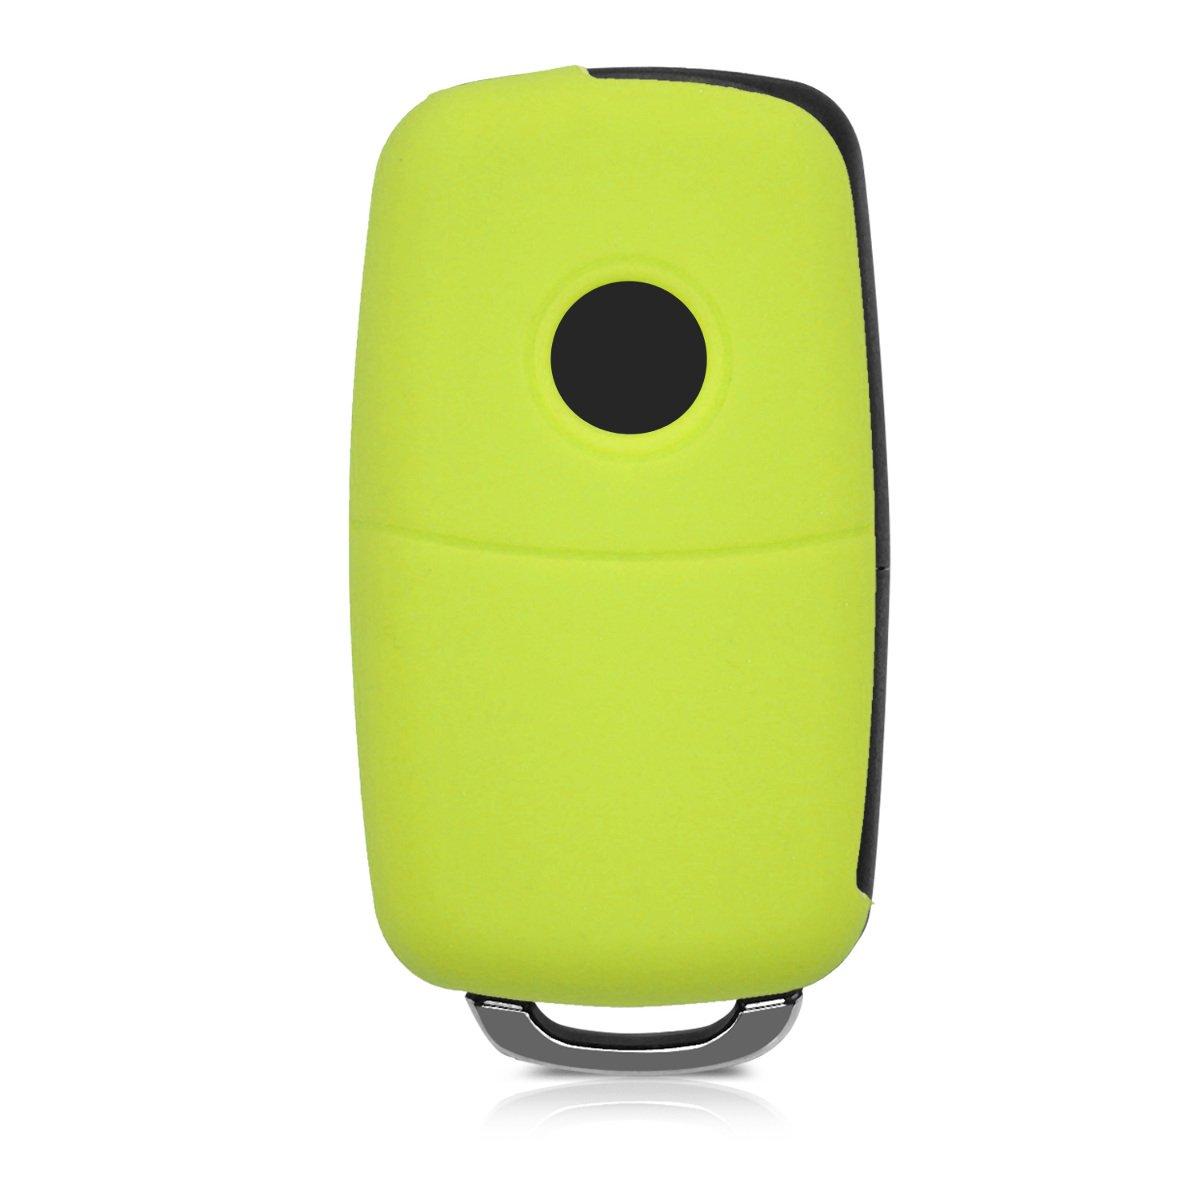 kwmobile Funda para Llave de 3 Botones para Coche VW Skoda Seat Carcasa Protectora Suave de Silicona Case de Mando de Auto con dise/ño de Bandera brit/ánica